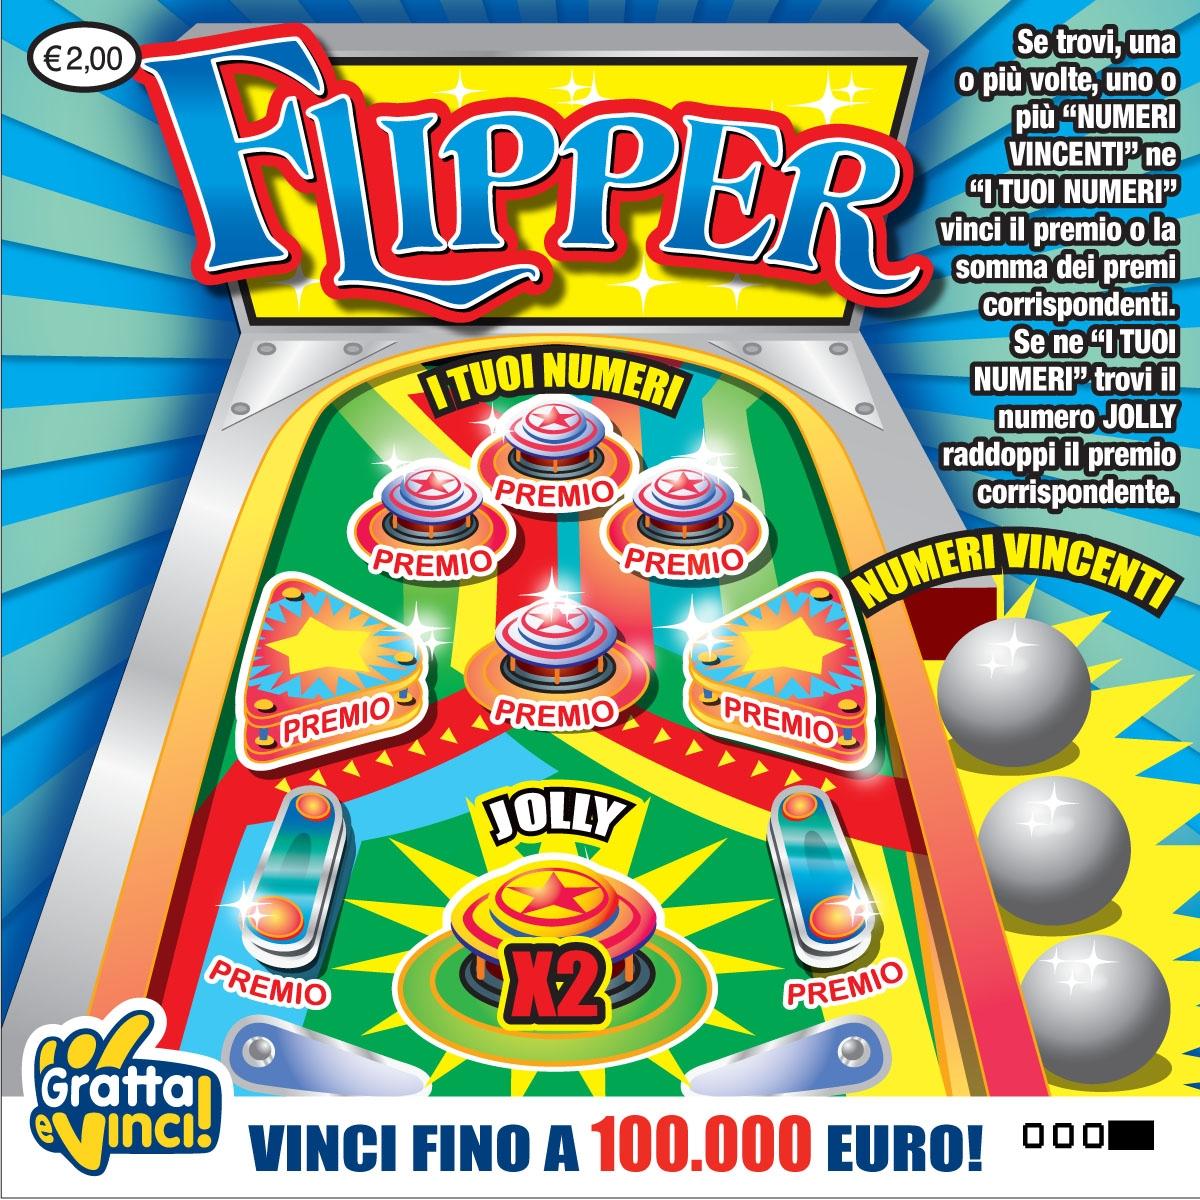 Europa Casino  Up to 2400 Online Casino Welcome Bonus